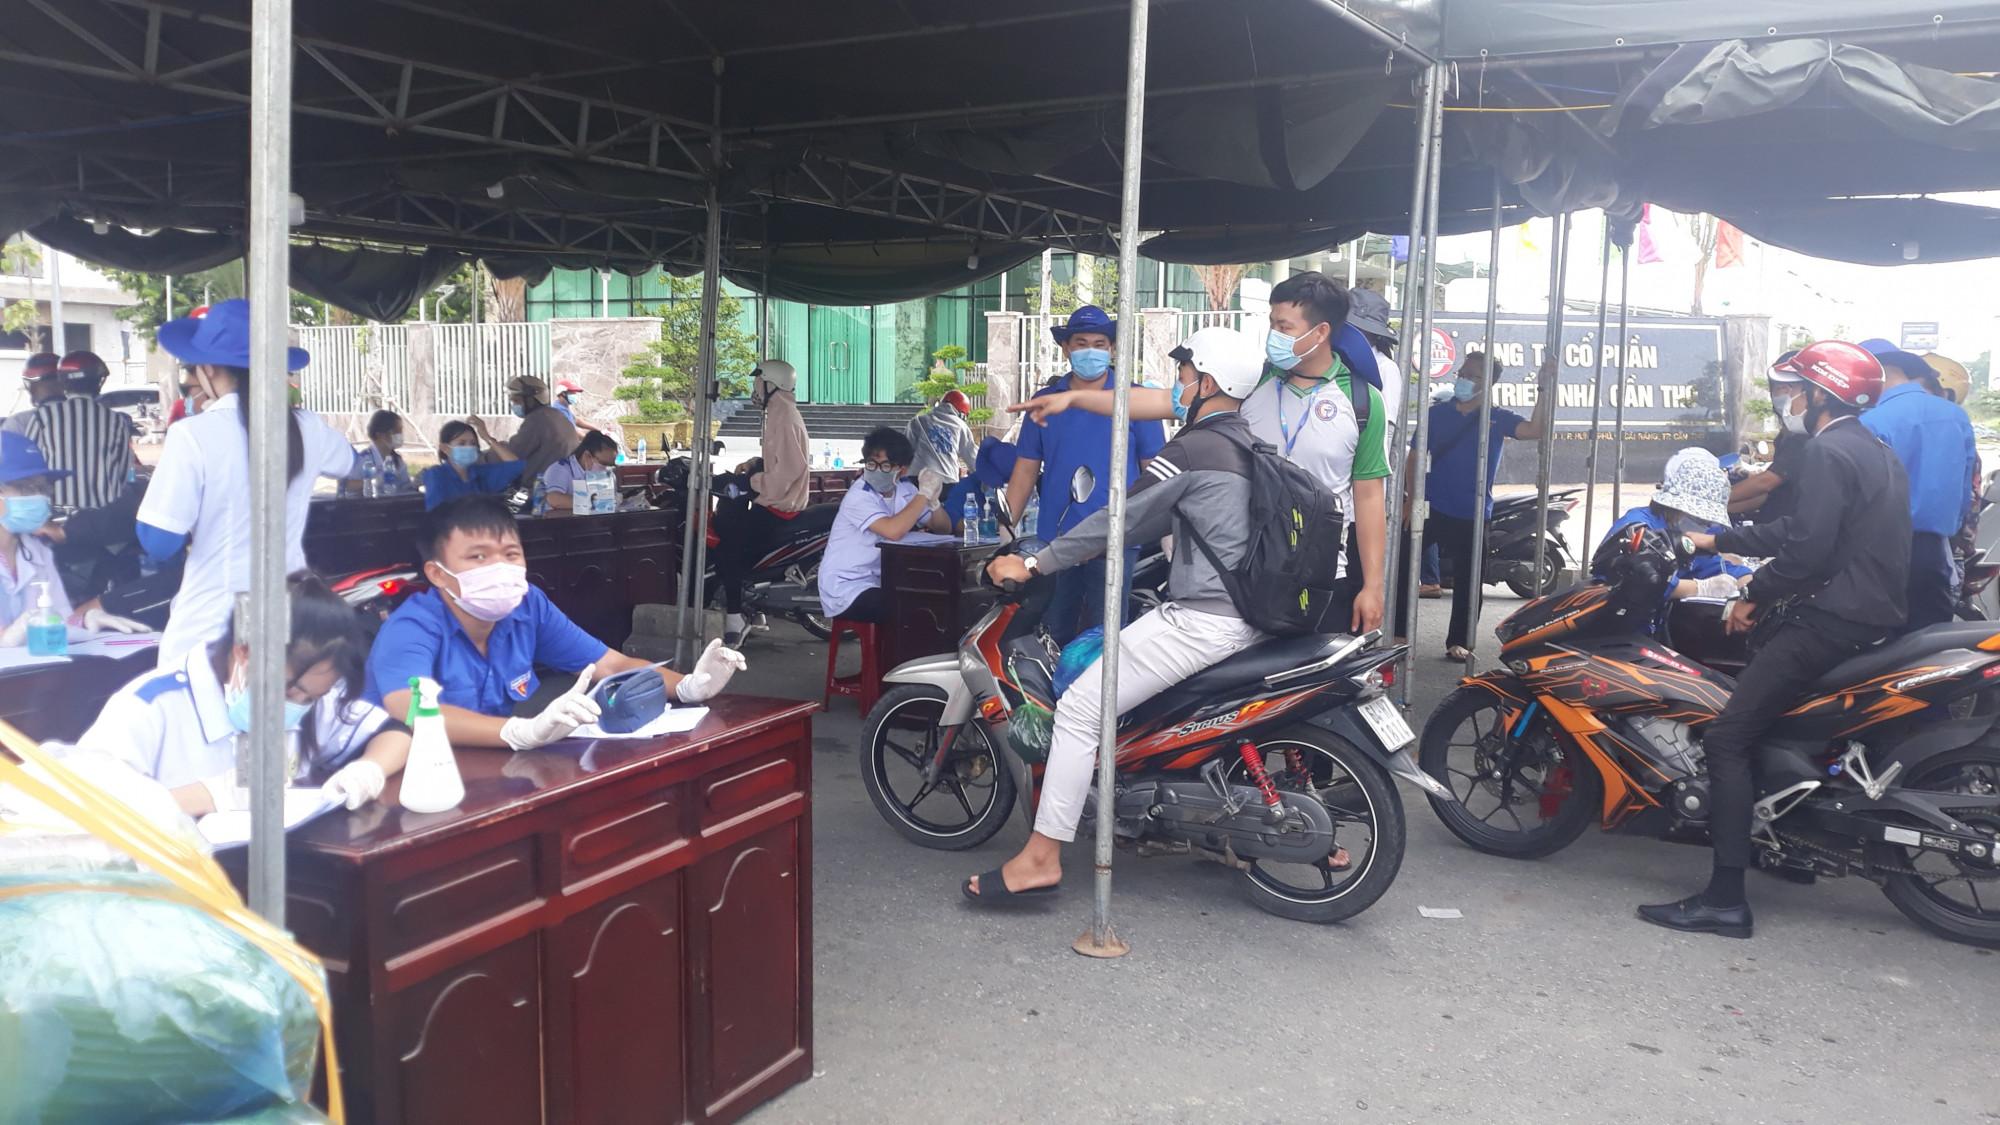 Lực lượng tình nguyện viên hướng dẫn người và phương tiện vào khu kiểm soát, khai báo y tế